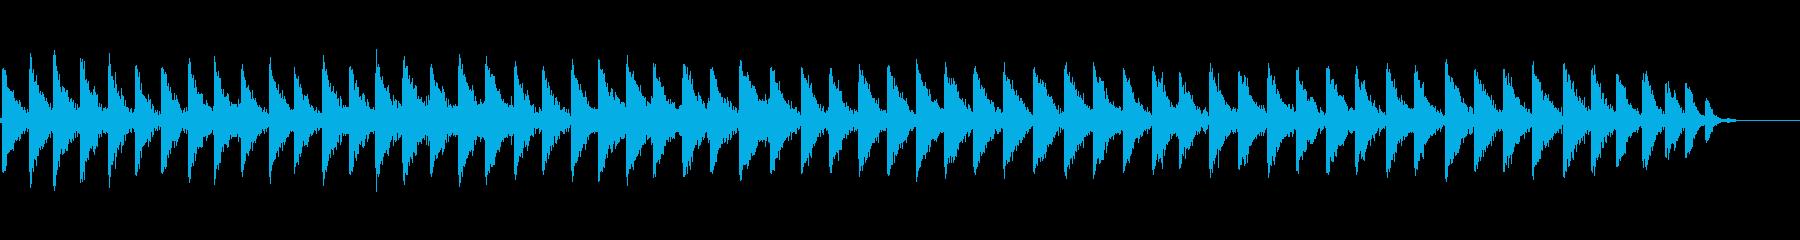 金属ハンマーのハンマーの再生済みの波形